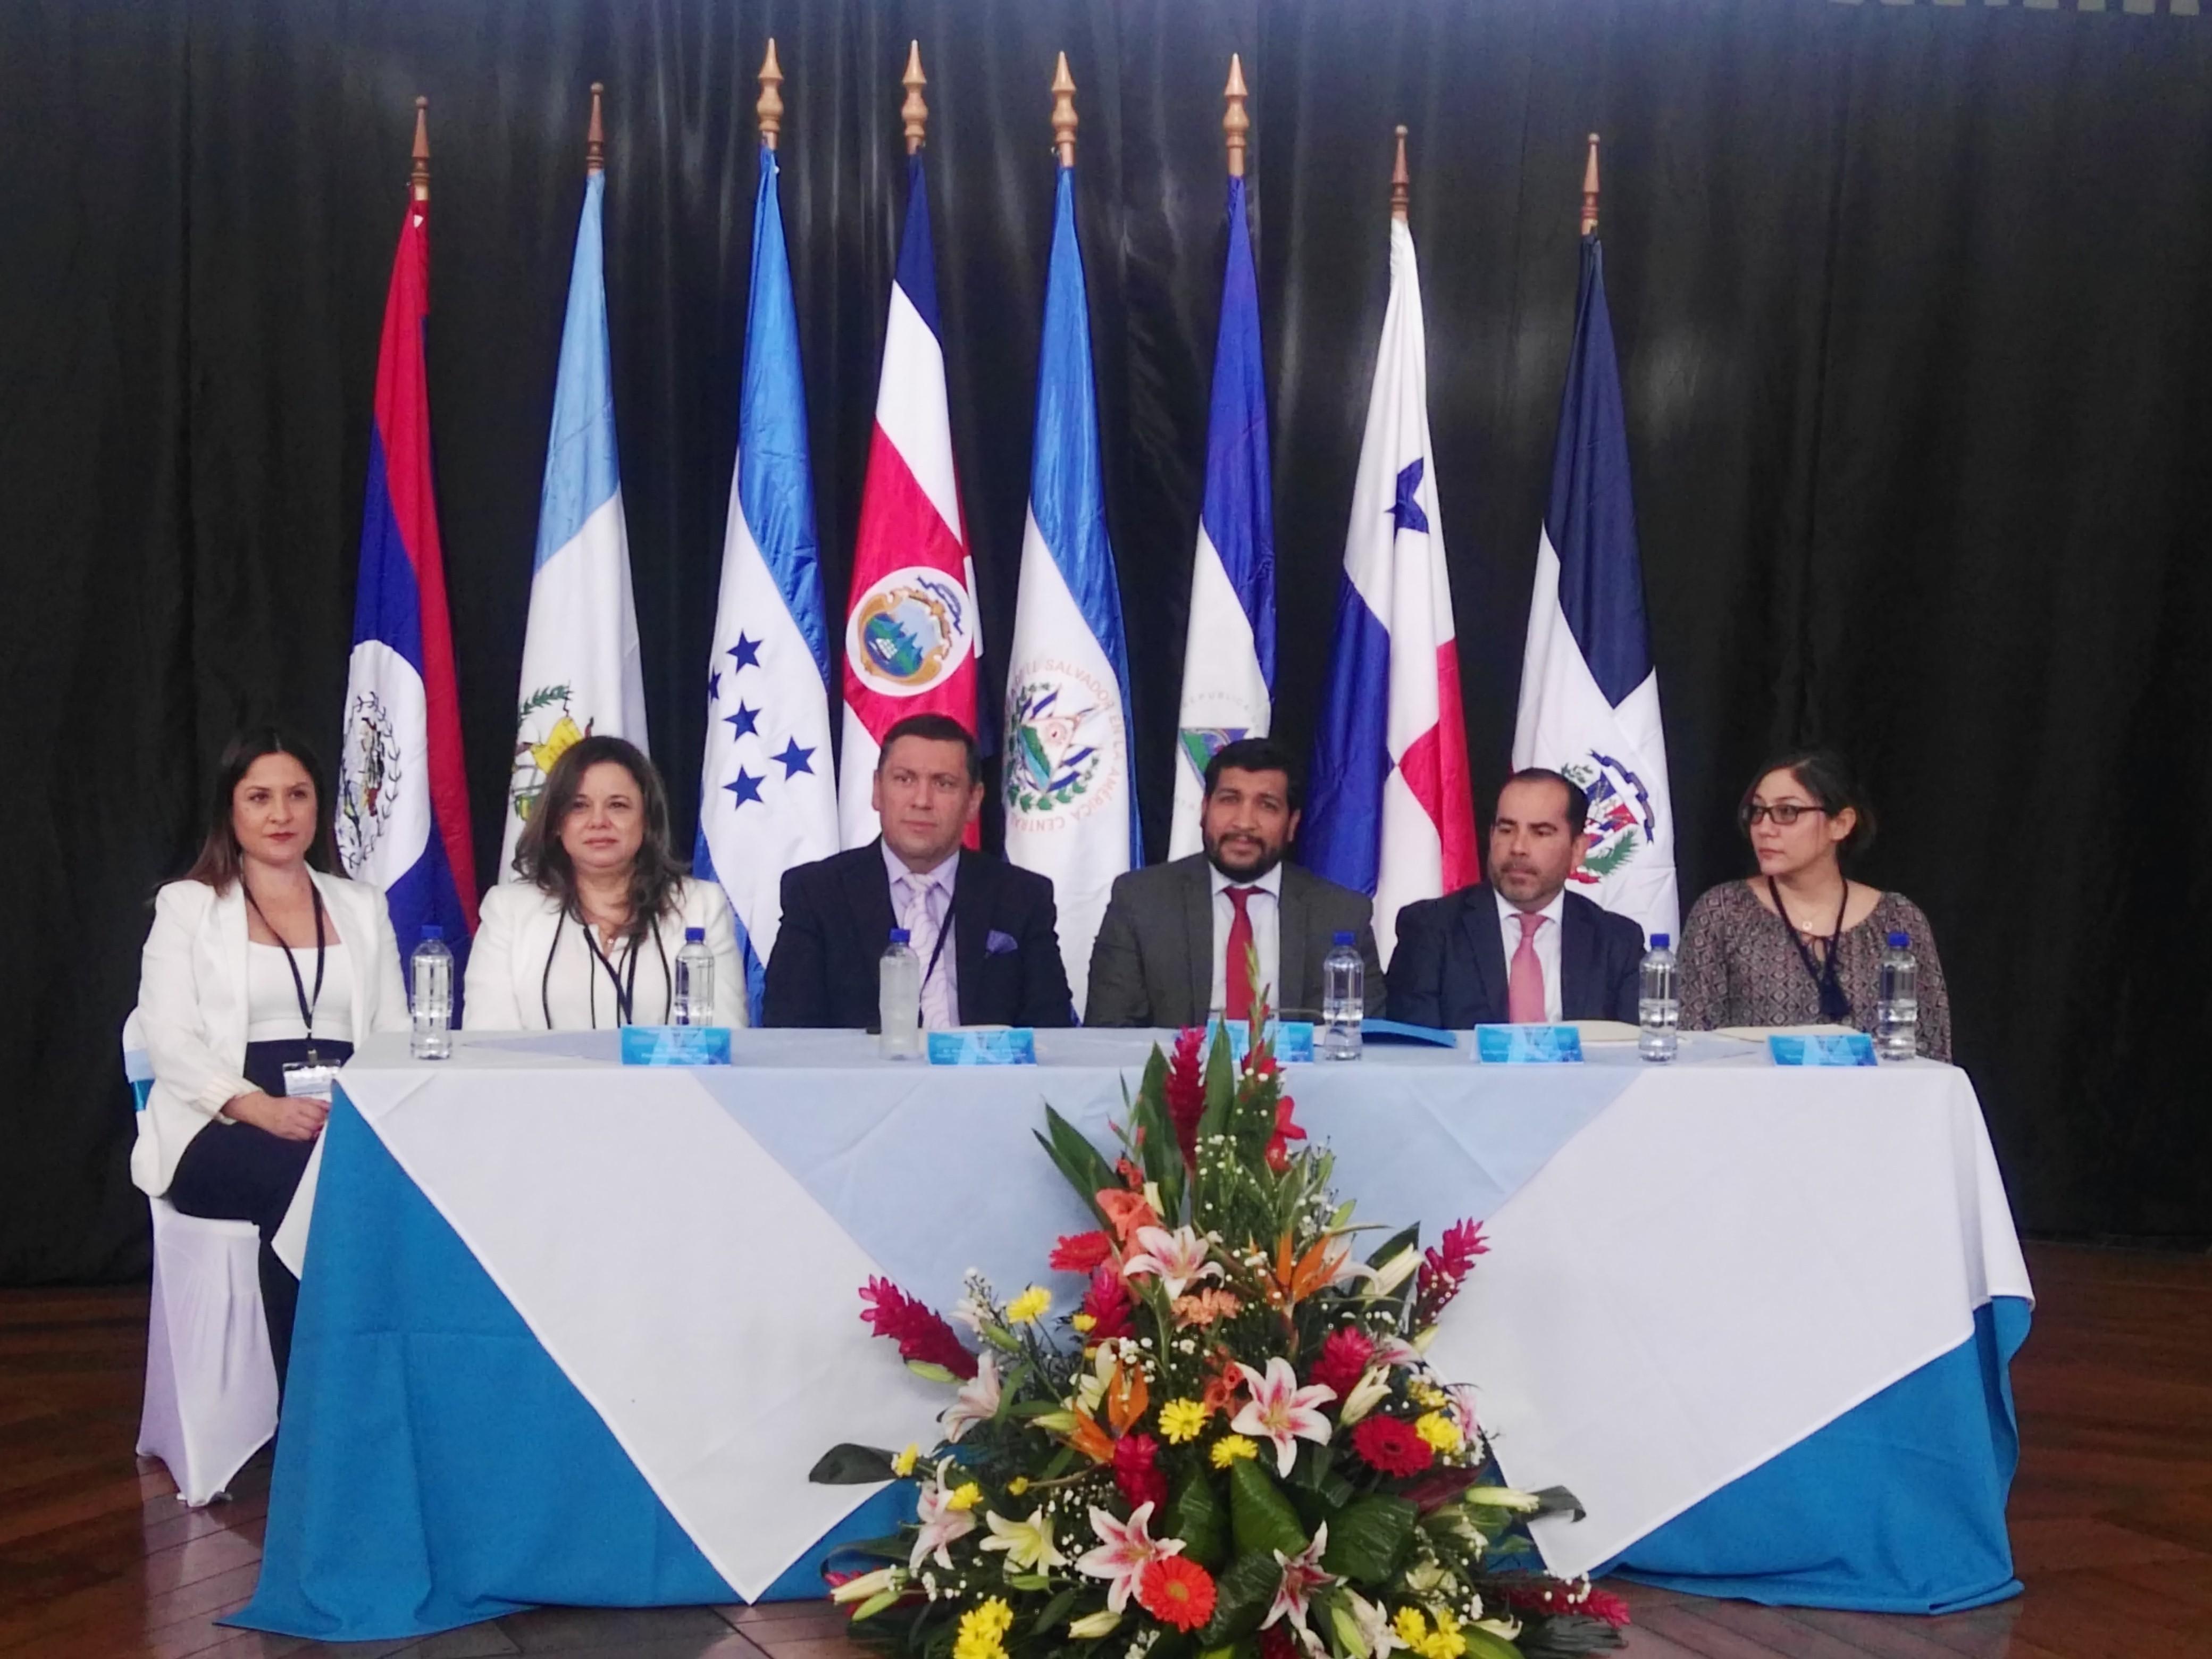 ICAP participa en el II Encuentro Regional Fortalecimiento de las Capacidades de los Países del SICA para impulsar Estrategias Integrales de Prevención de la Violencia